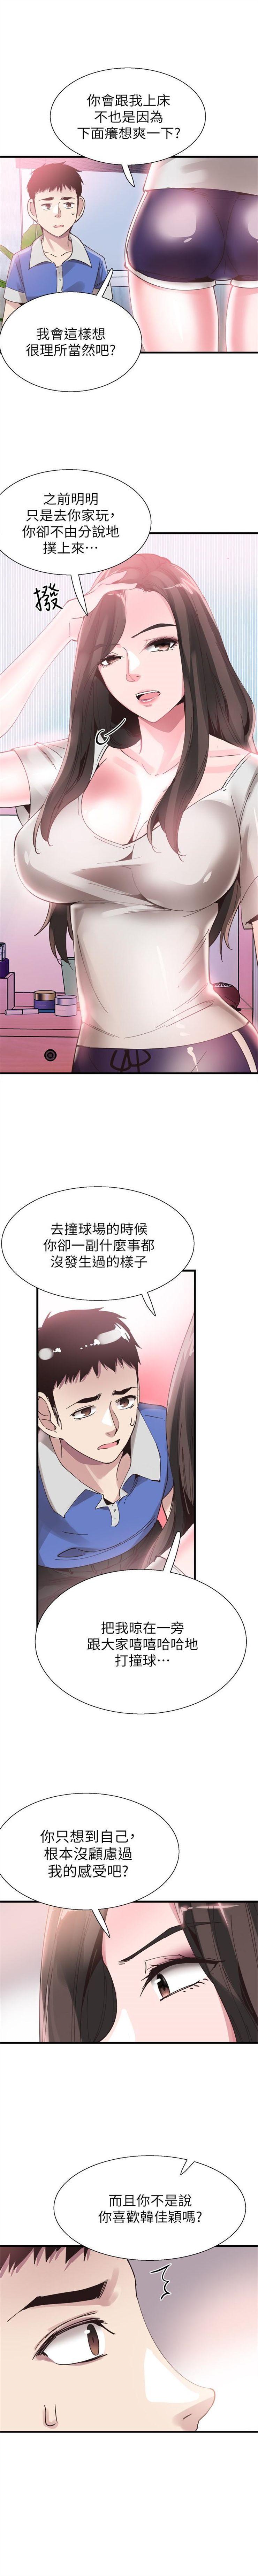 (週7)校園live秀 1-50 中文翻譯(更新中) 233